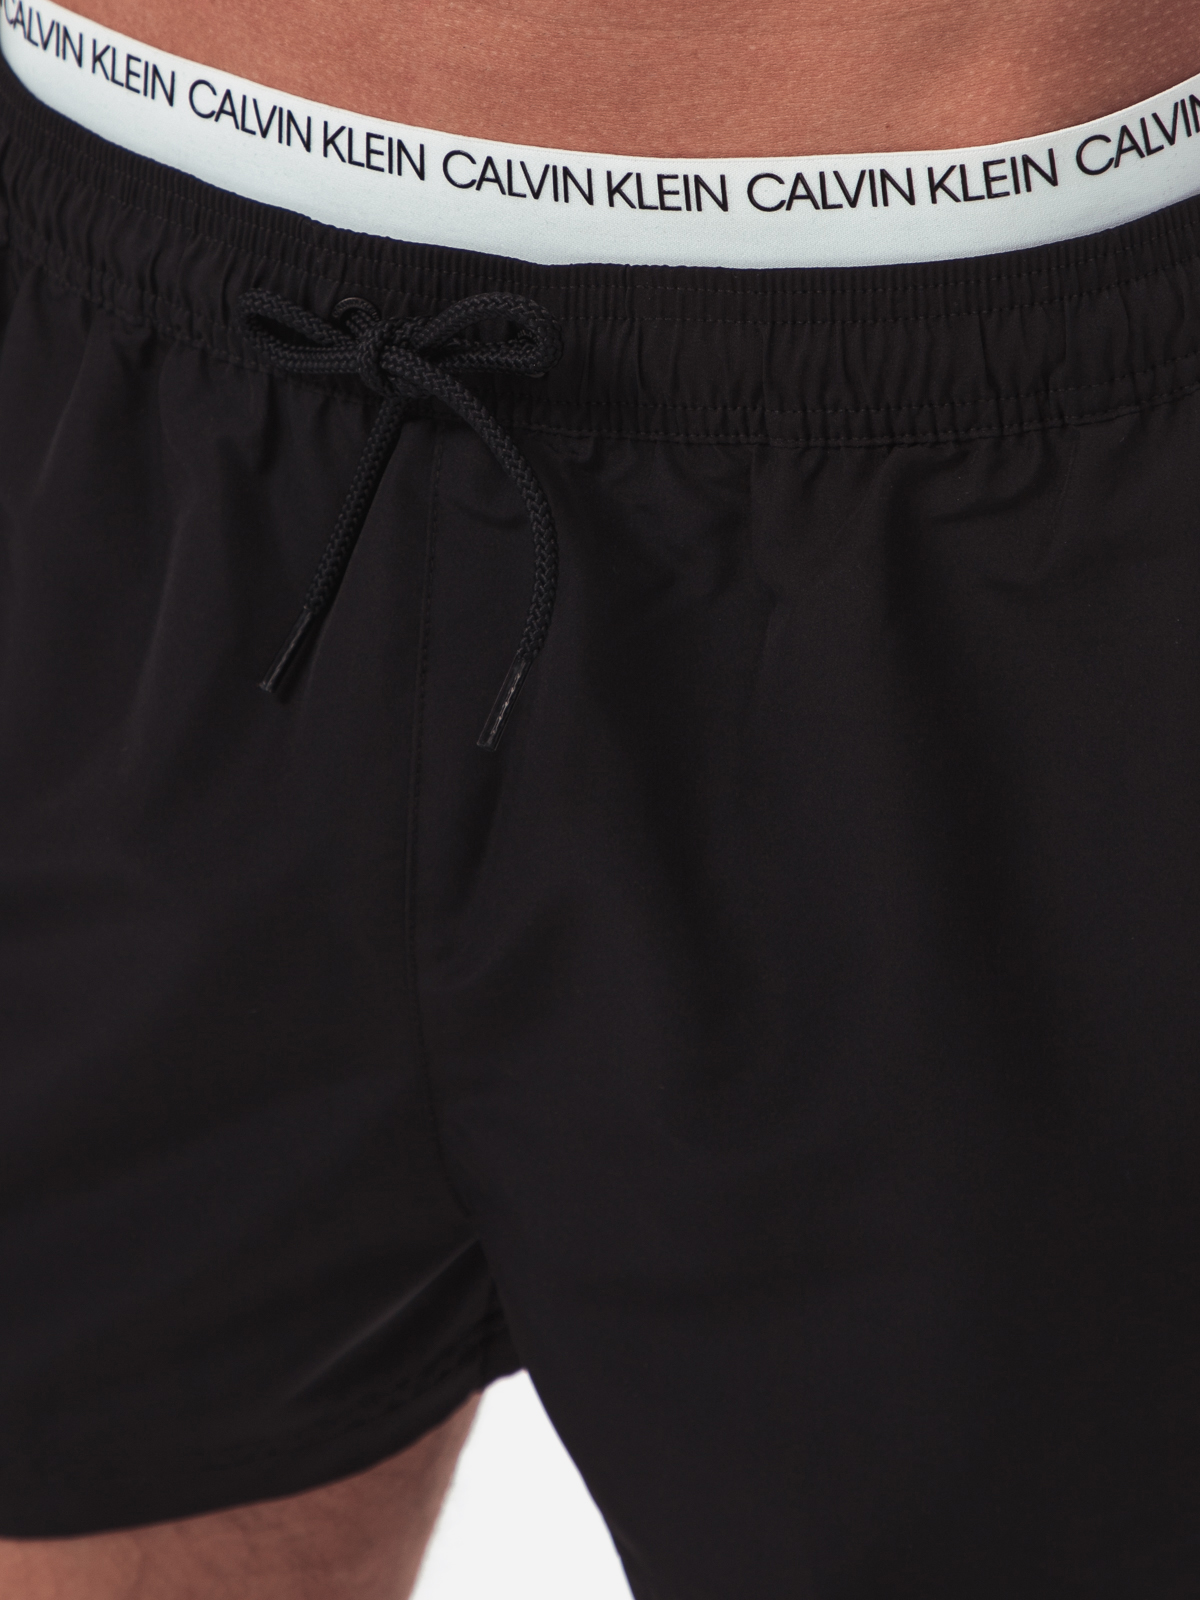 169b0809998 Meeste ujumispüksid calvin klein underwear   Newmood